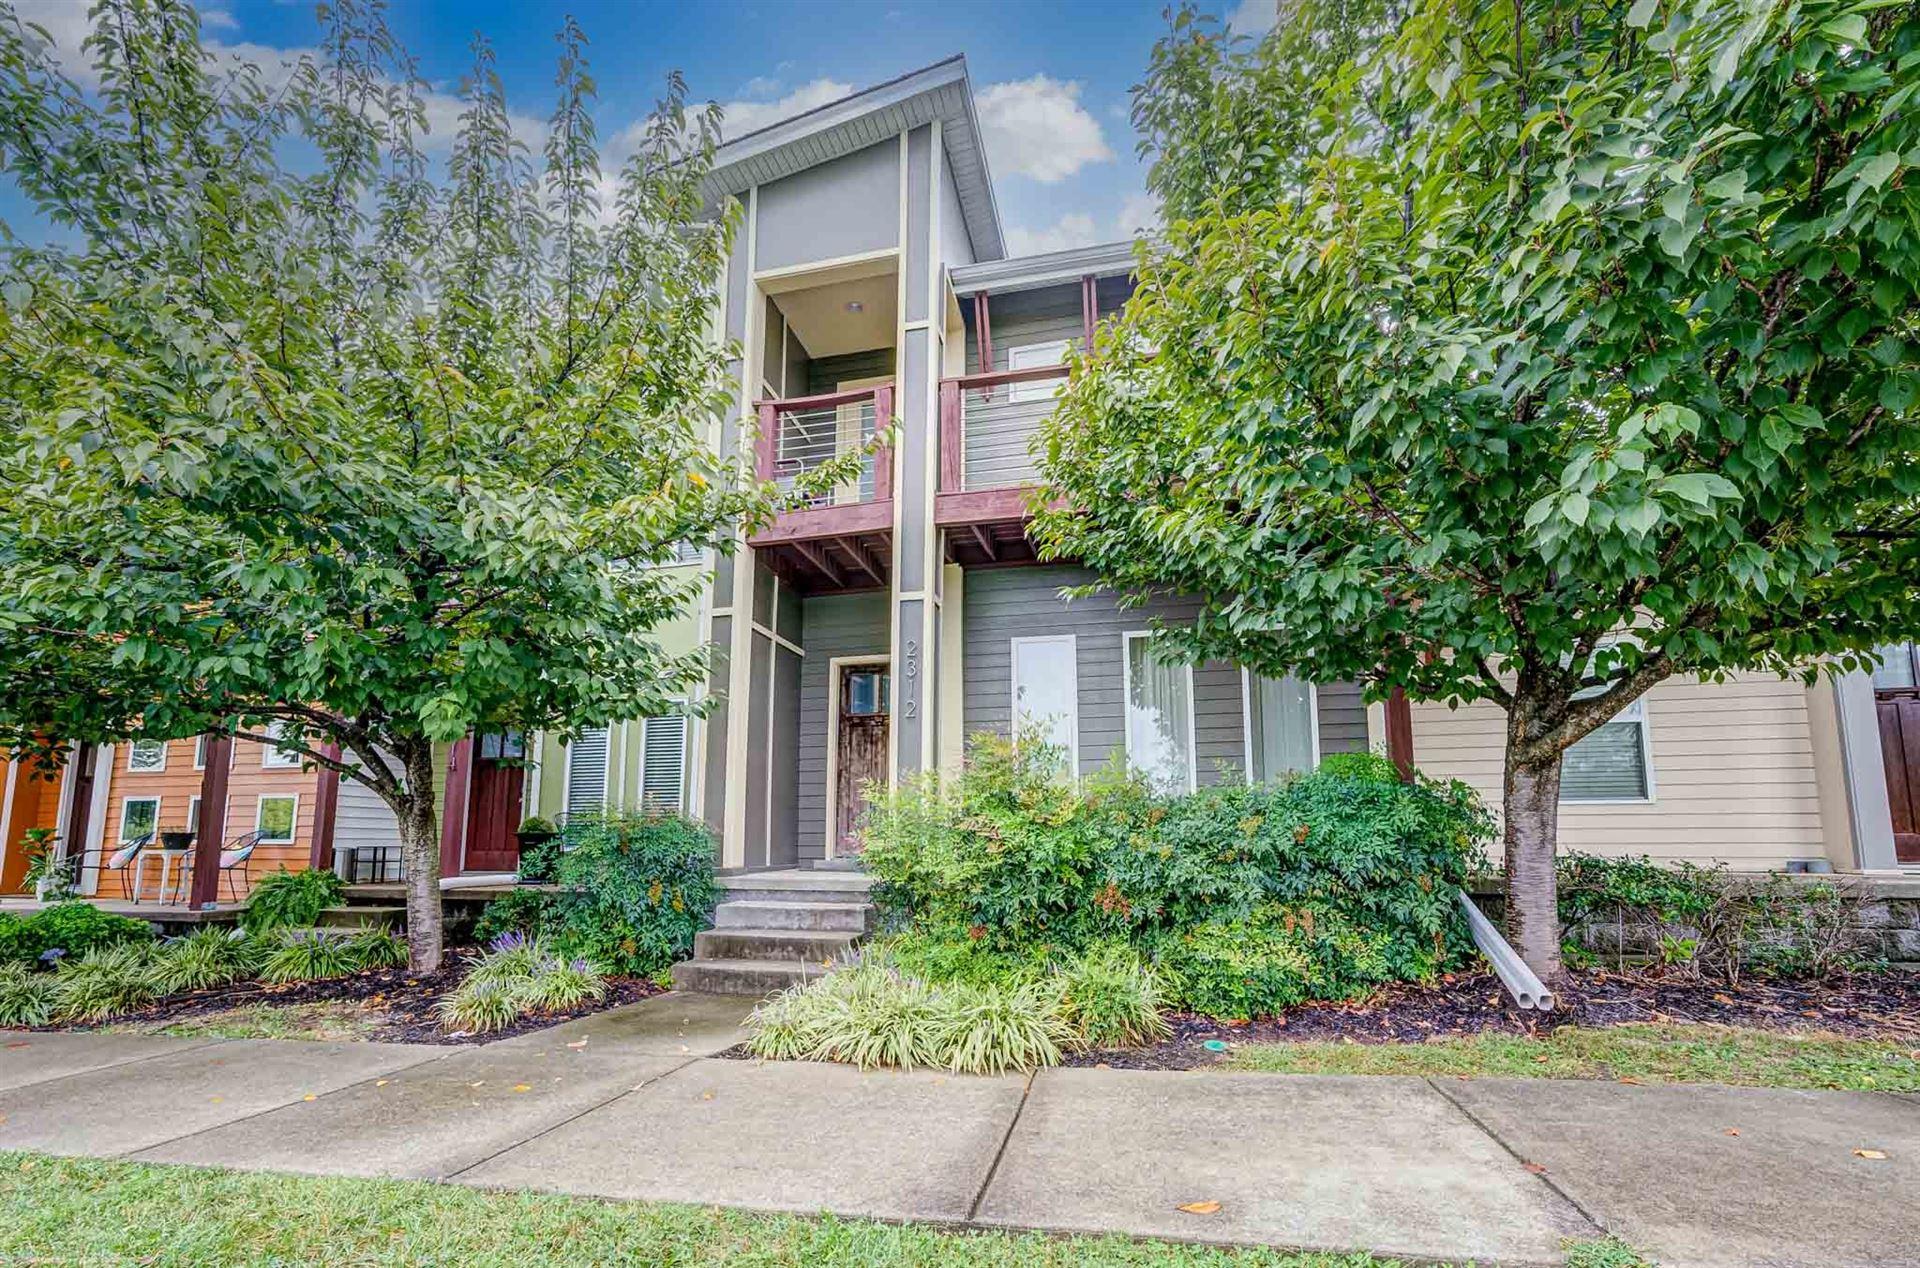 Photo of 2312 Zermatt Ave, Nashville, TN 37211 (MLS # 2292478)